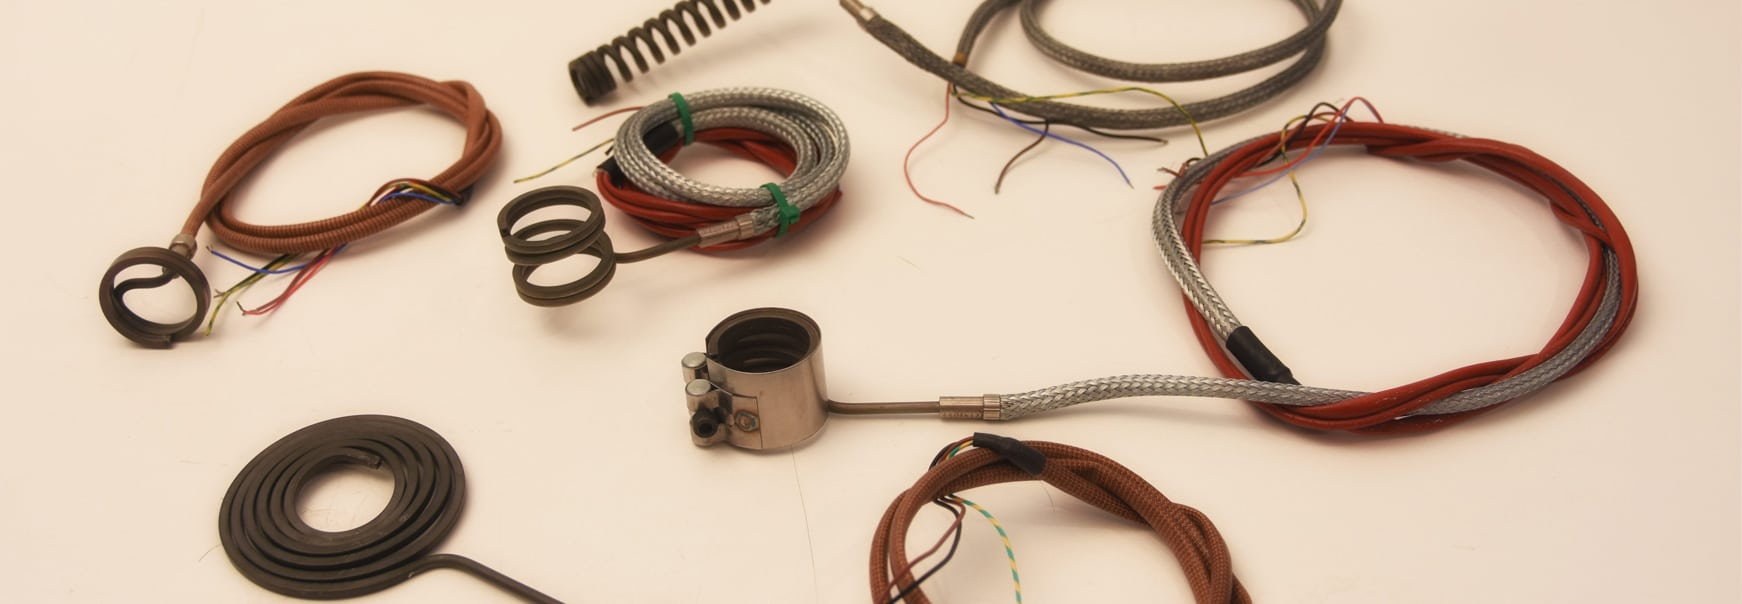 resistenze elettriche Microtubolari per industria